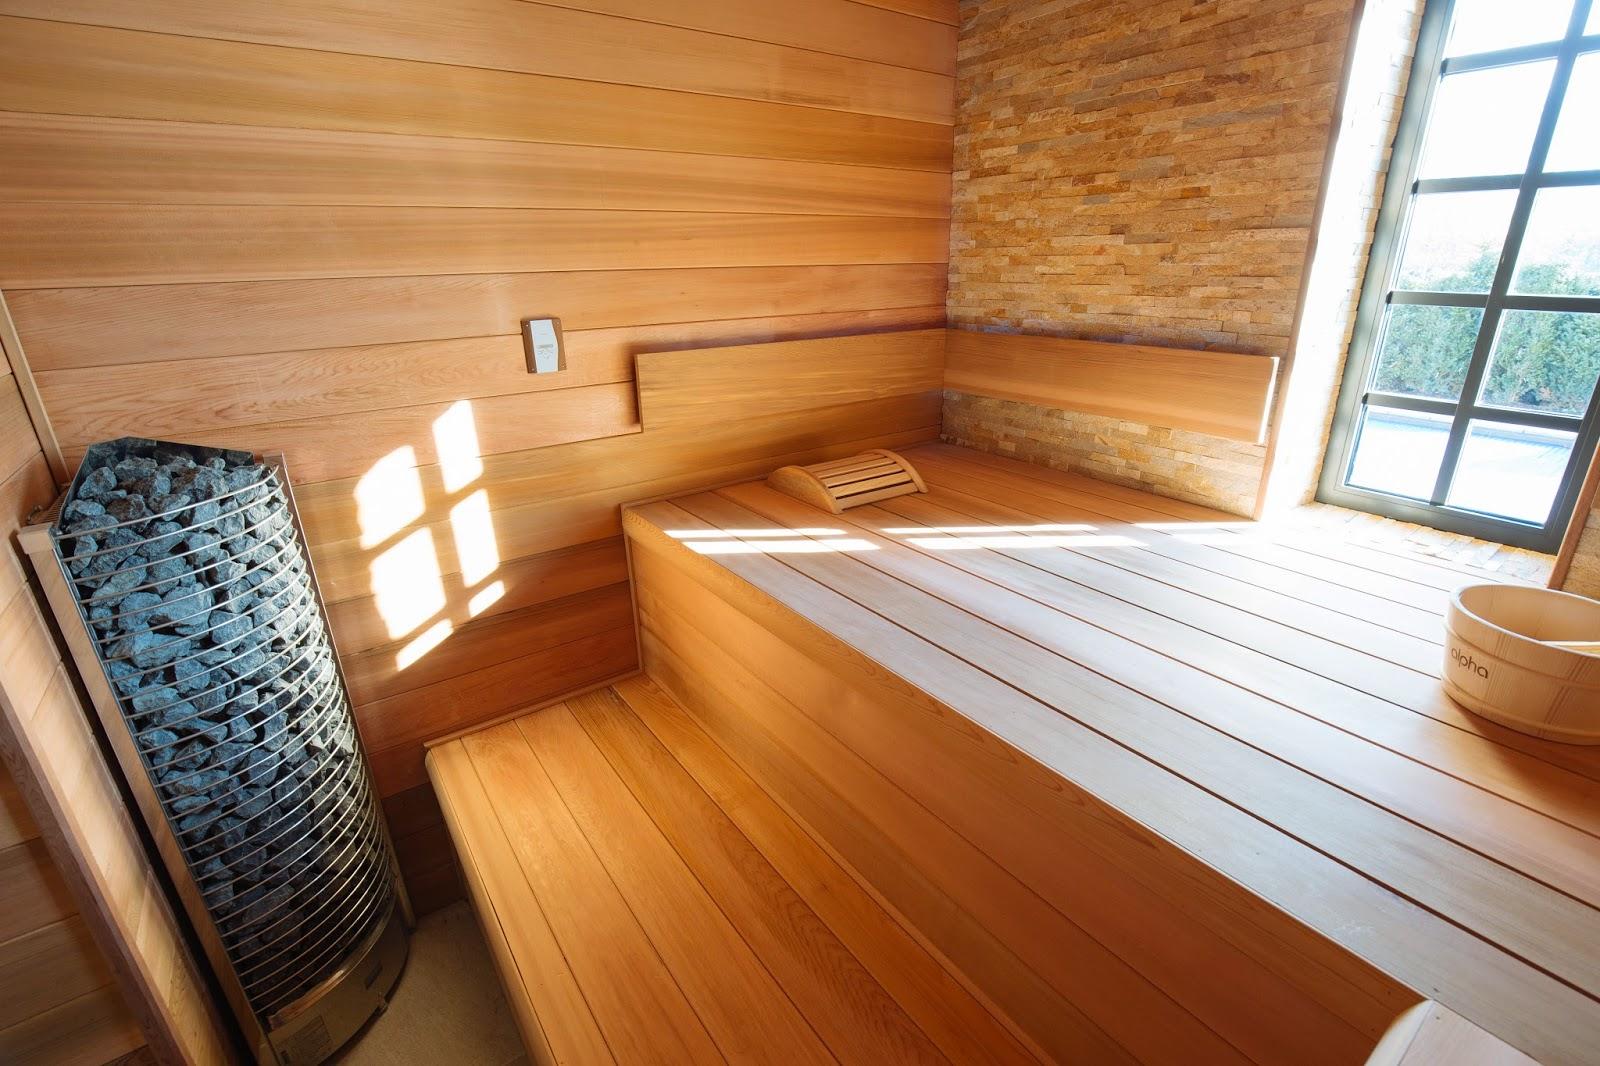 Sauna-traditionnel-pisicne-et-jardin-nord-pas-de-calais-picardie